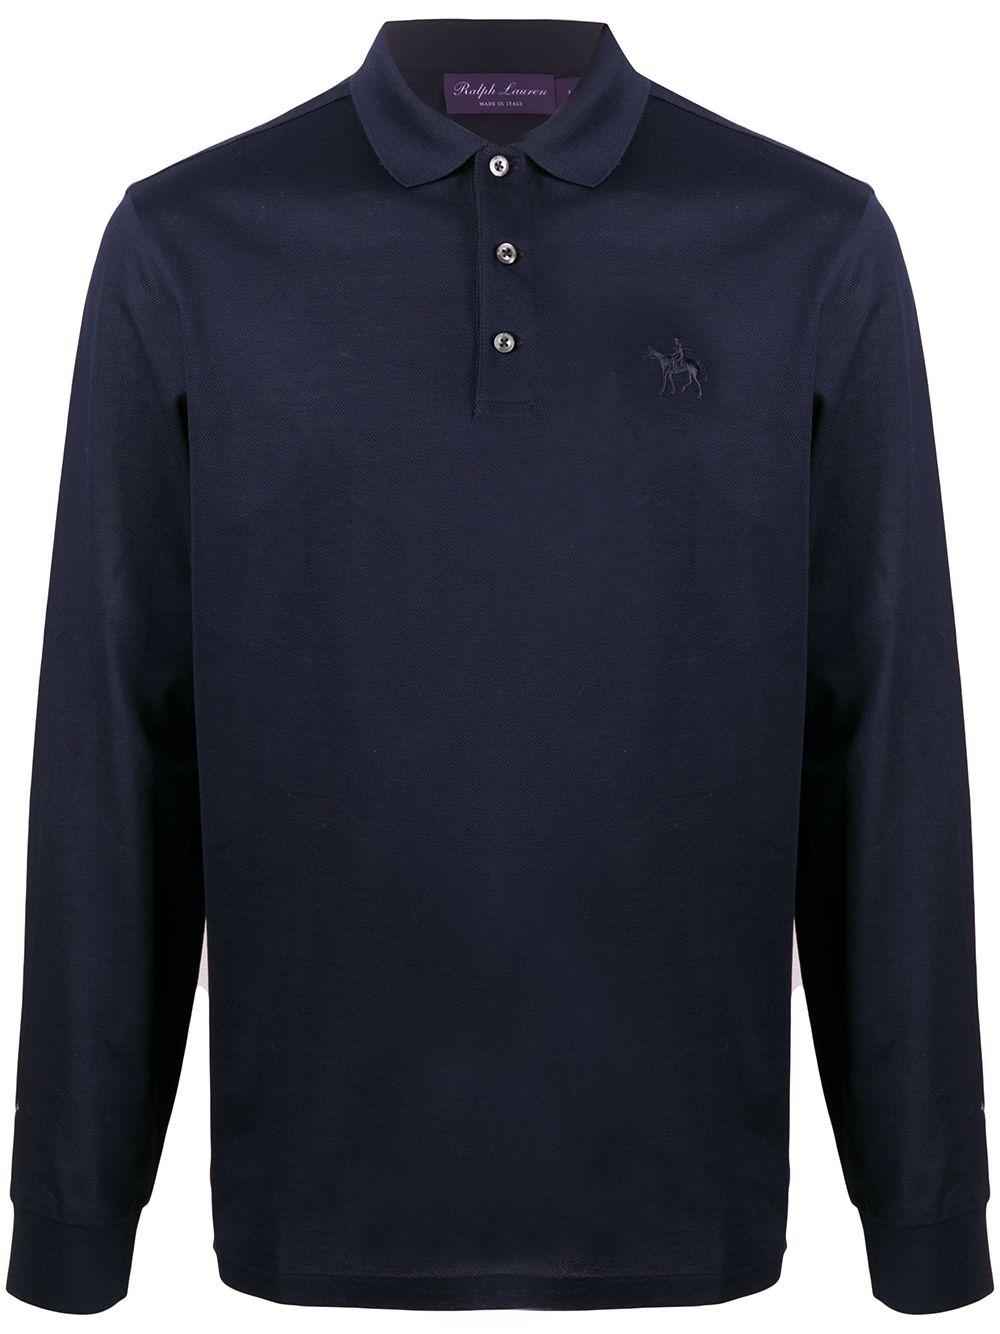 Ralph Lauren Langärmeliges Poloshirt mit Logo - Blau